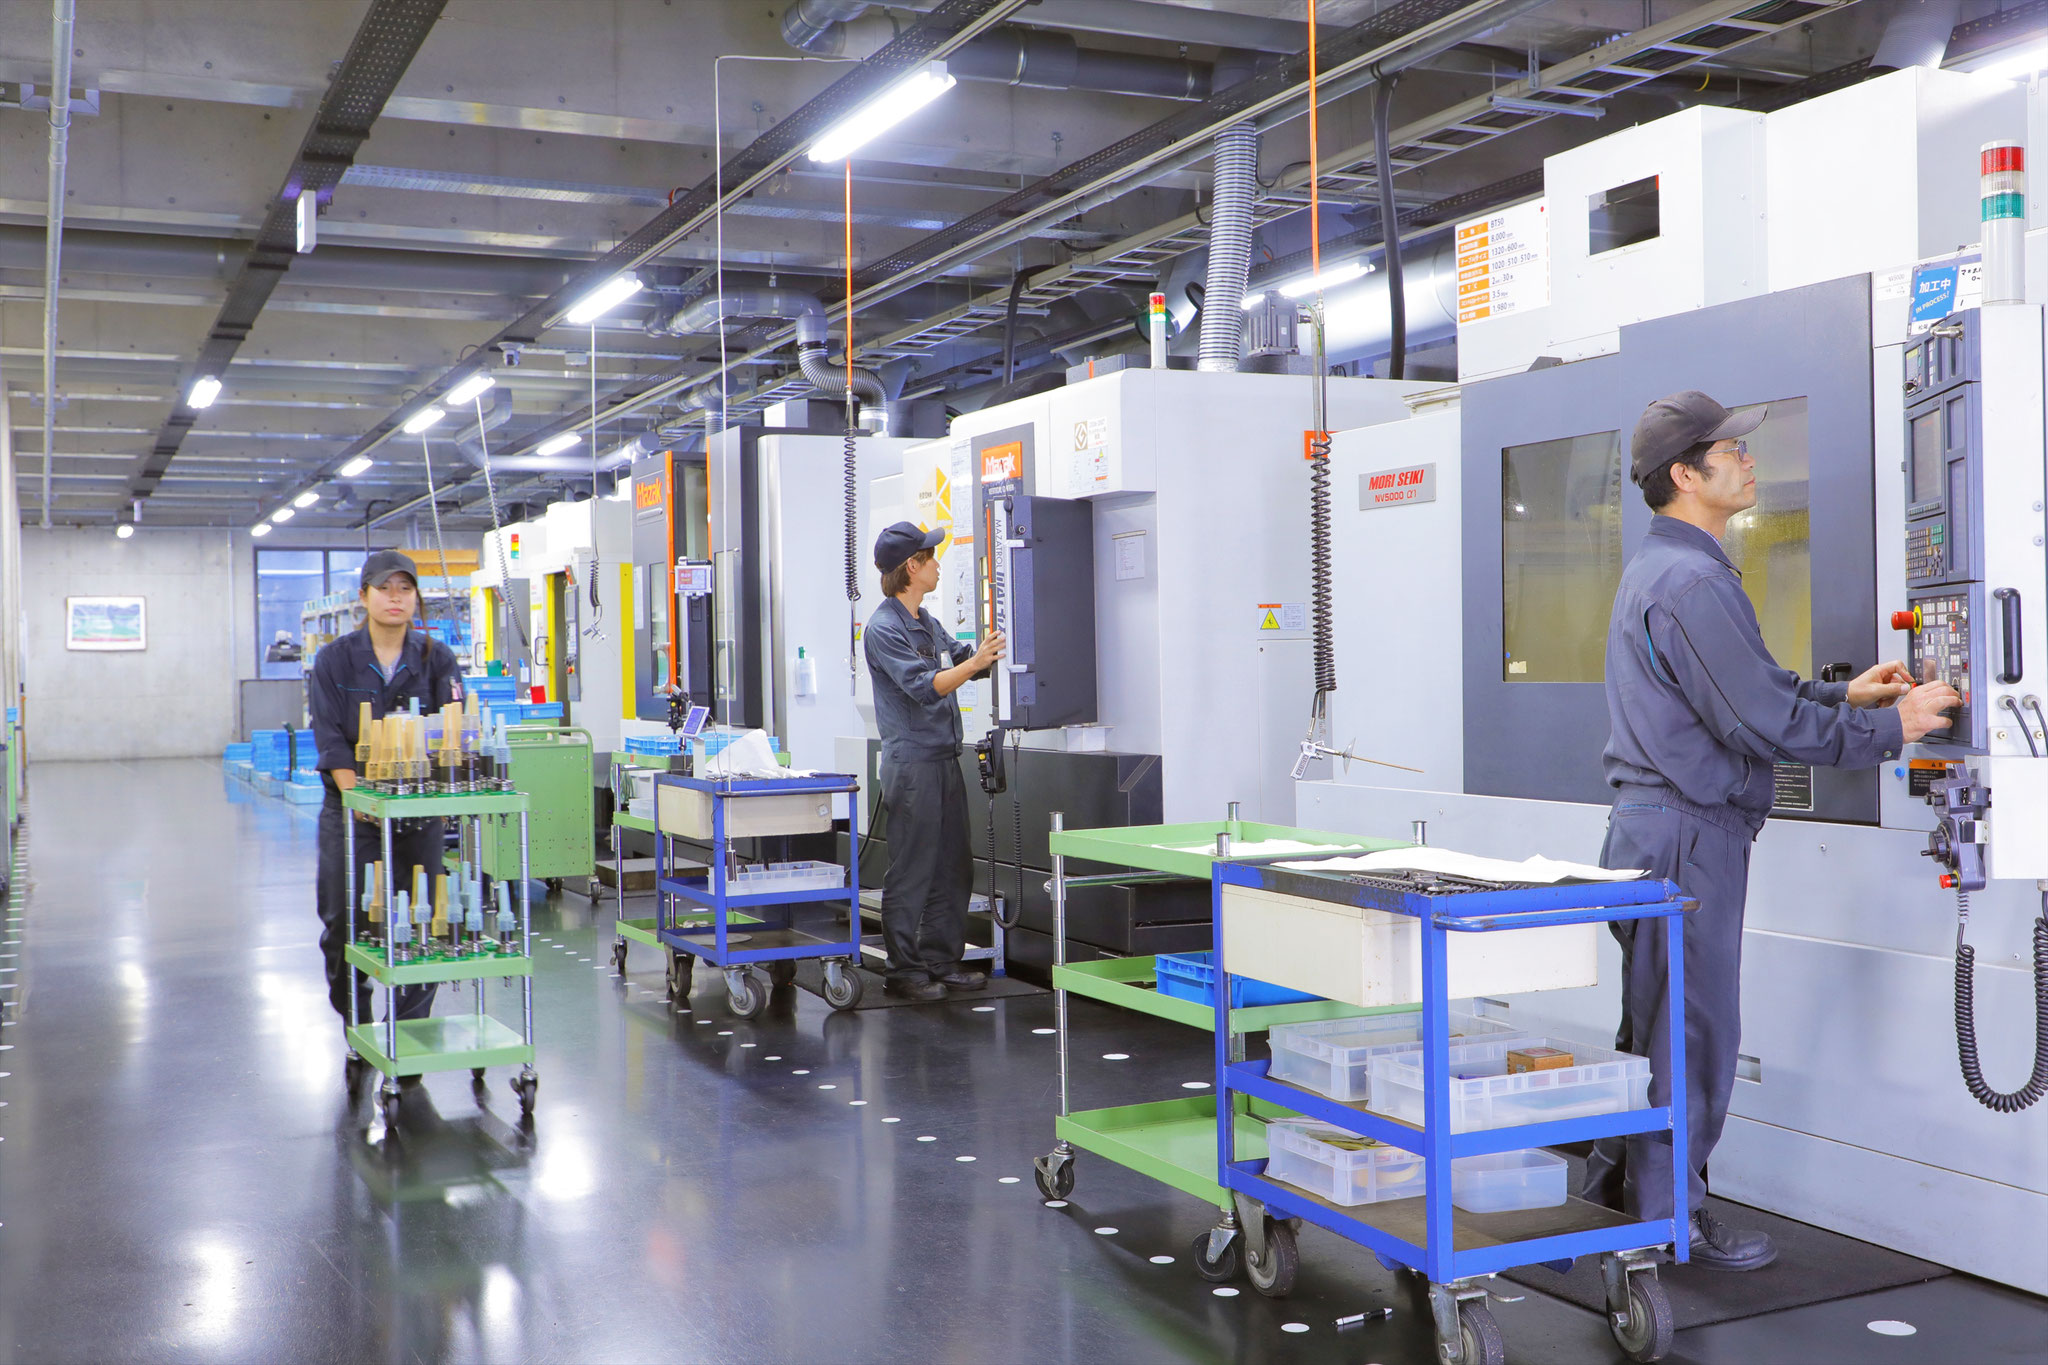 ツーリング製造工場